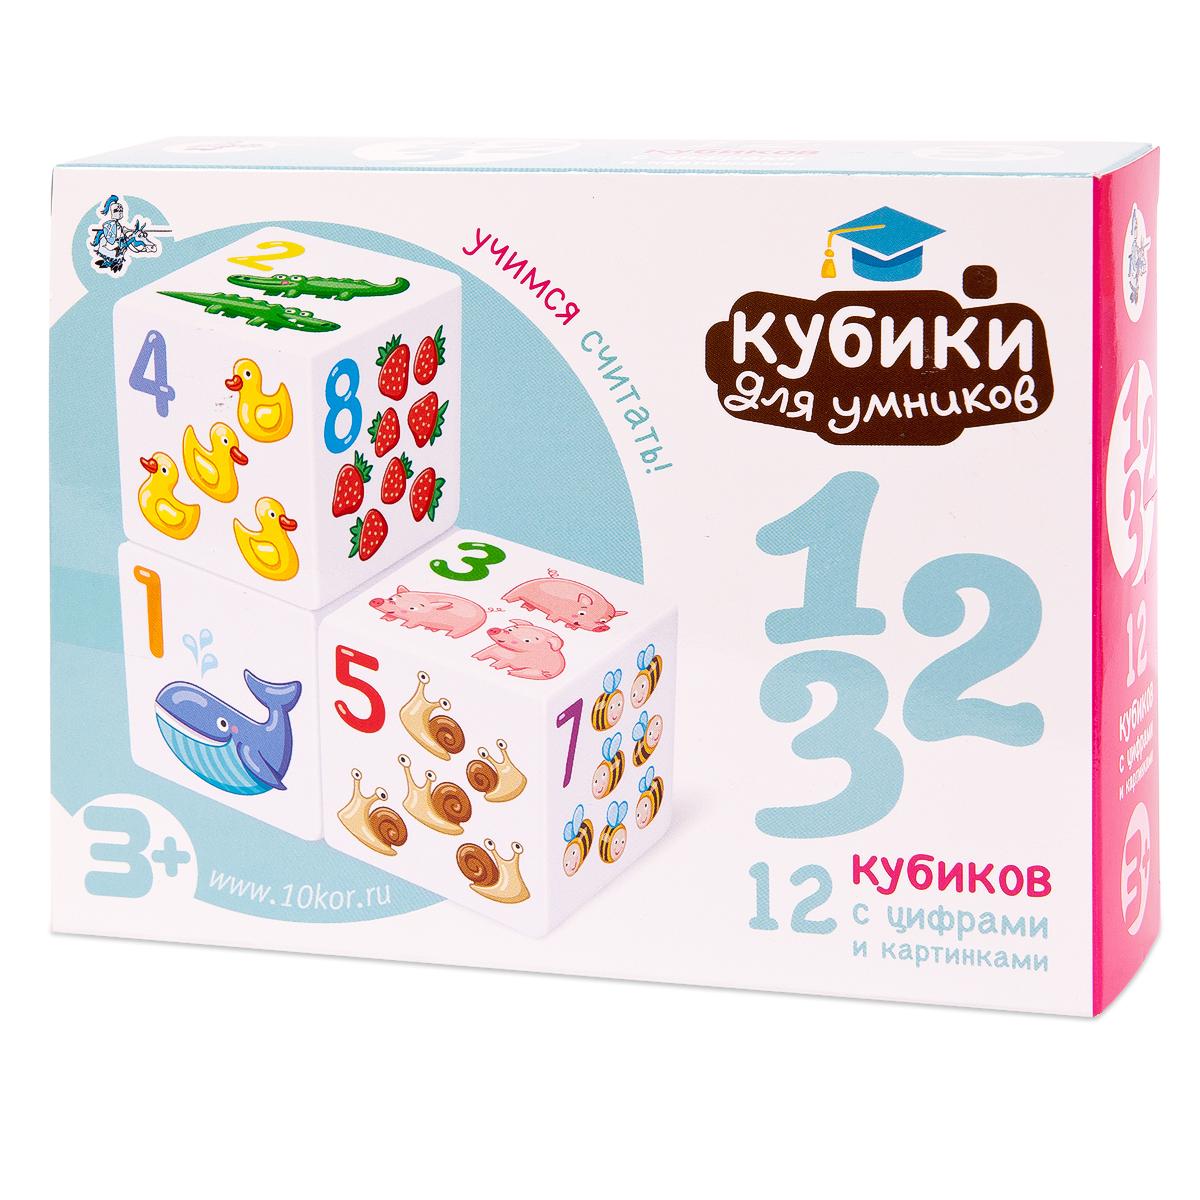 Кубики пластиковые Десятое королевство Кубики для умников. Учимся считать, 12 шт.